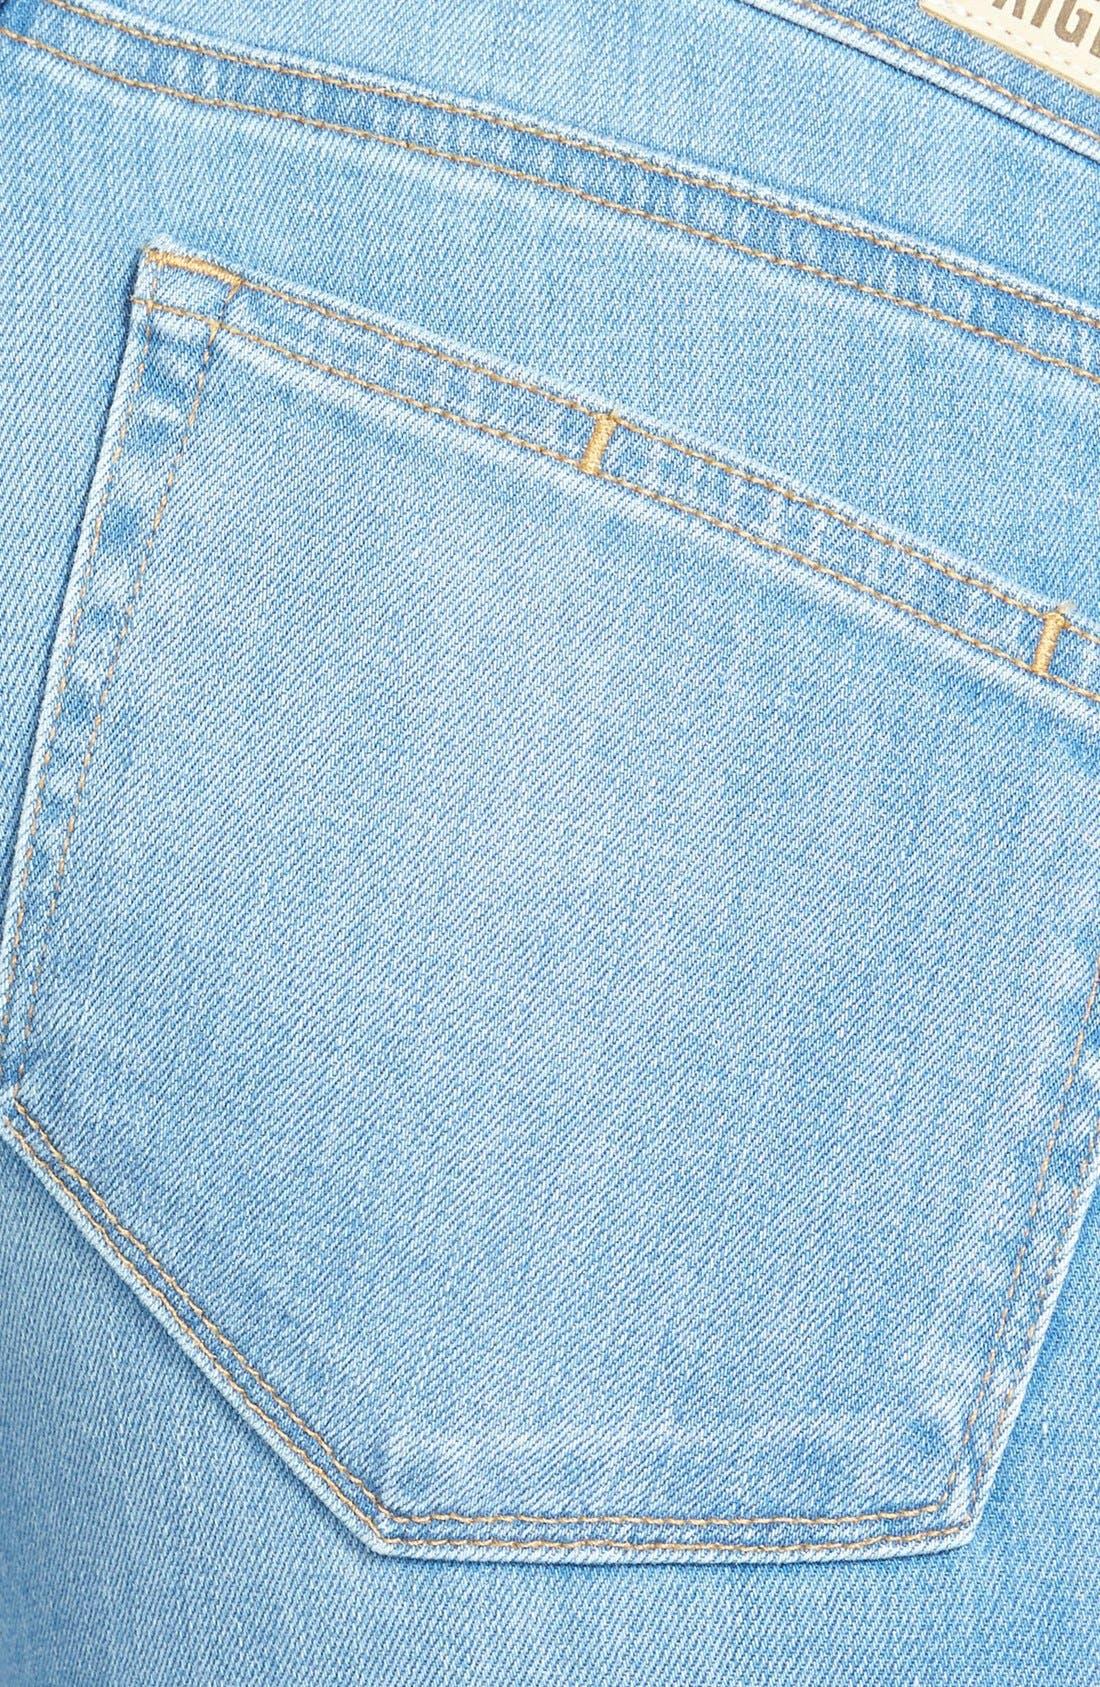 ,                             Denim 'Edgemont' Ultra Skinny Jeans,                             Alternate thumbnail 2, color,                             400